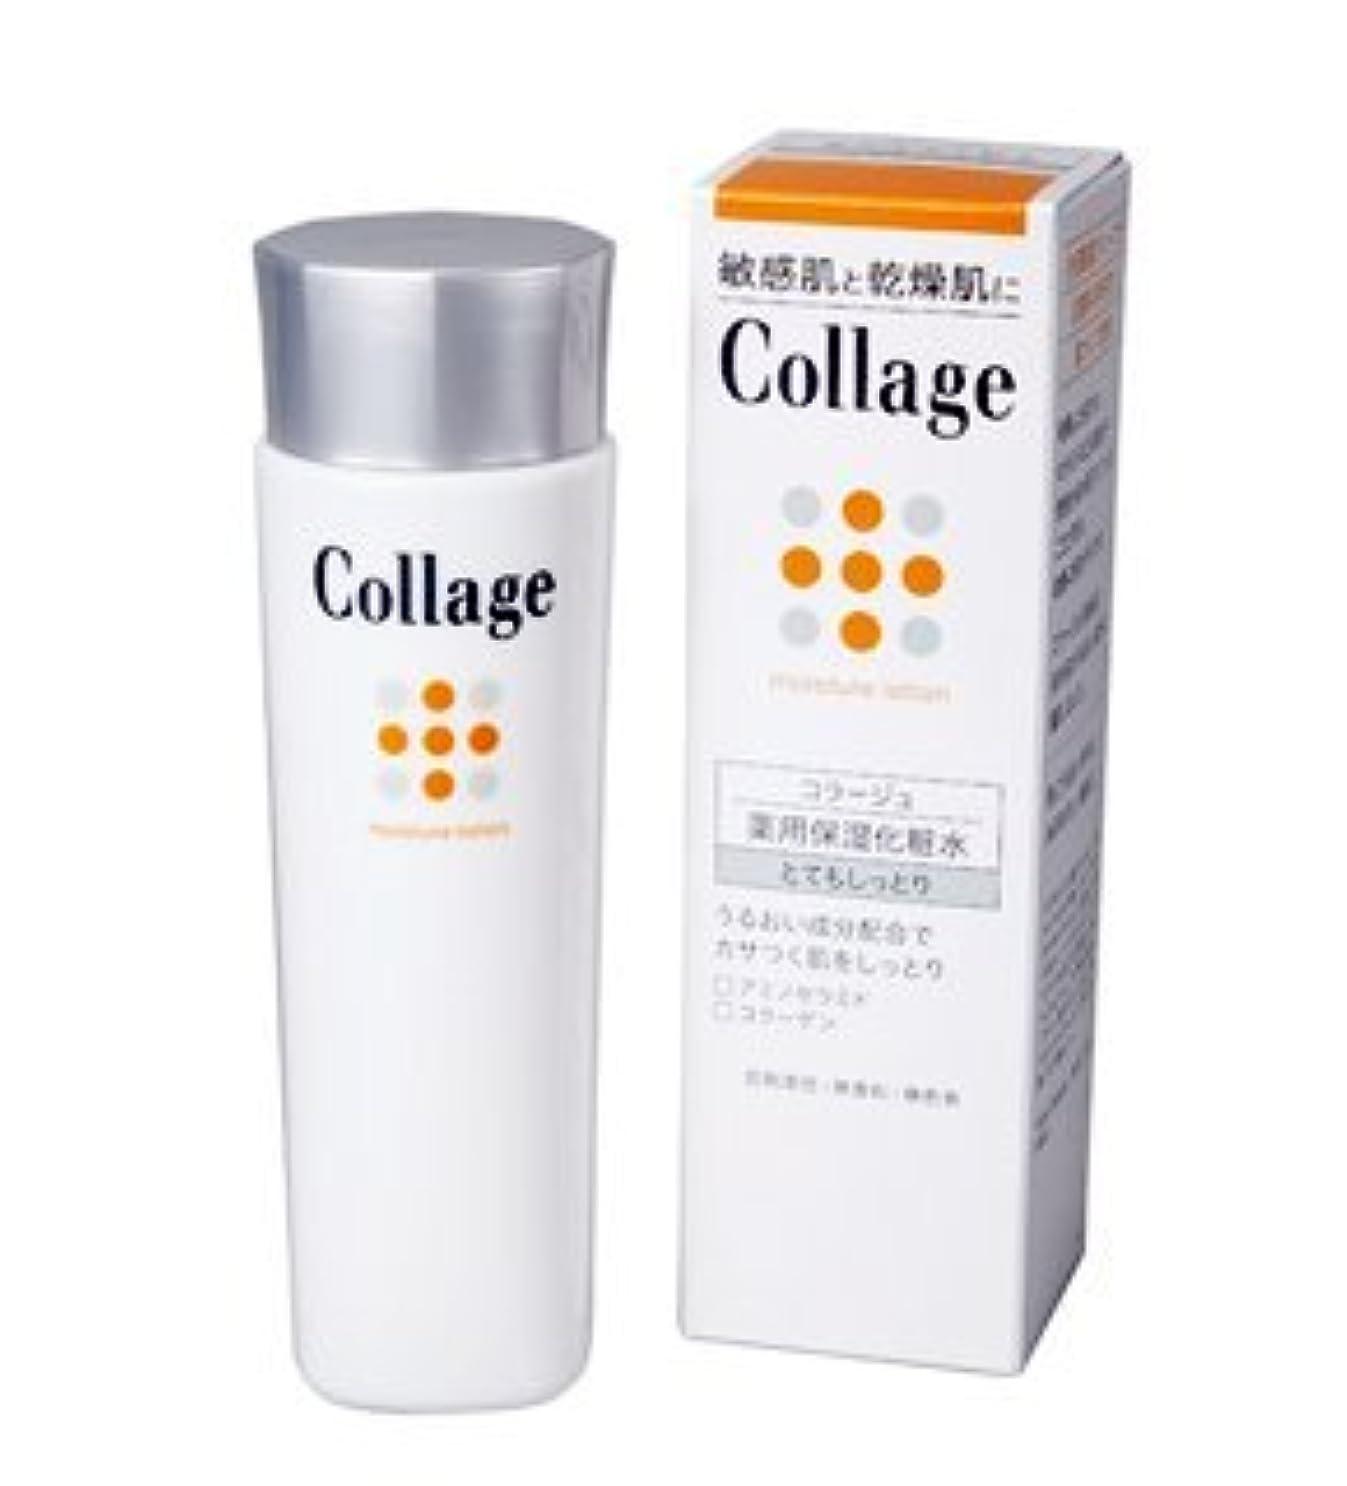 花瓶移民理論【持田ヘルスケア】 コラージュ薬用保湿化粧水 とてもしっとり 120ml (医薬部外品) ×4個セット